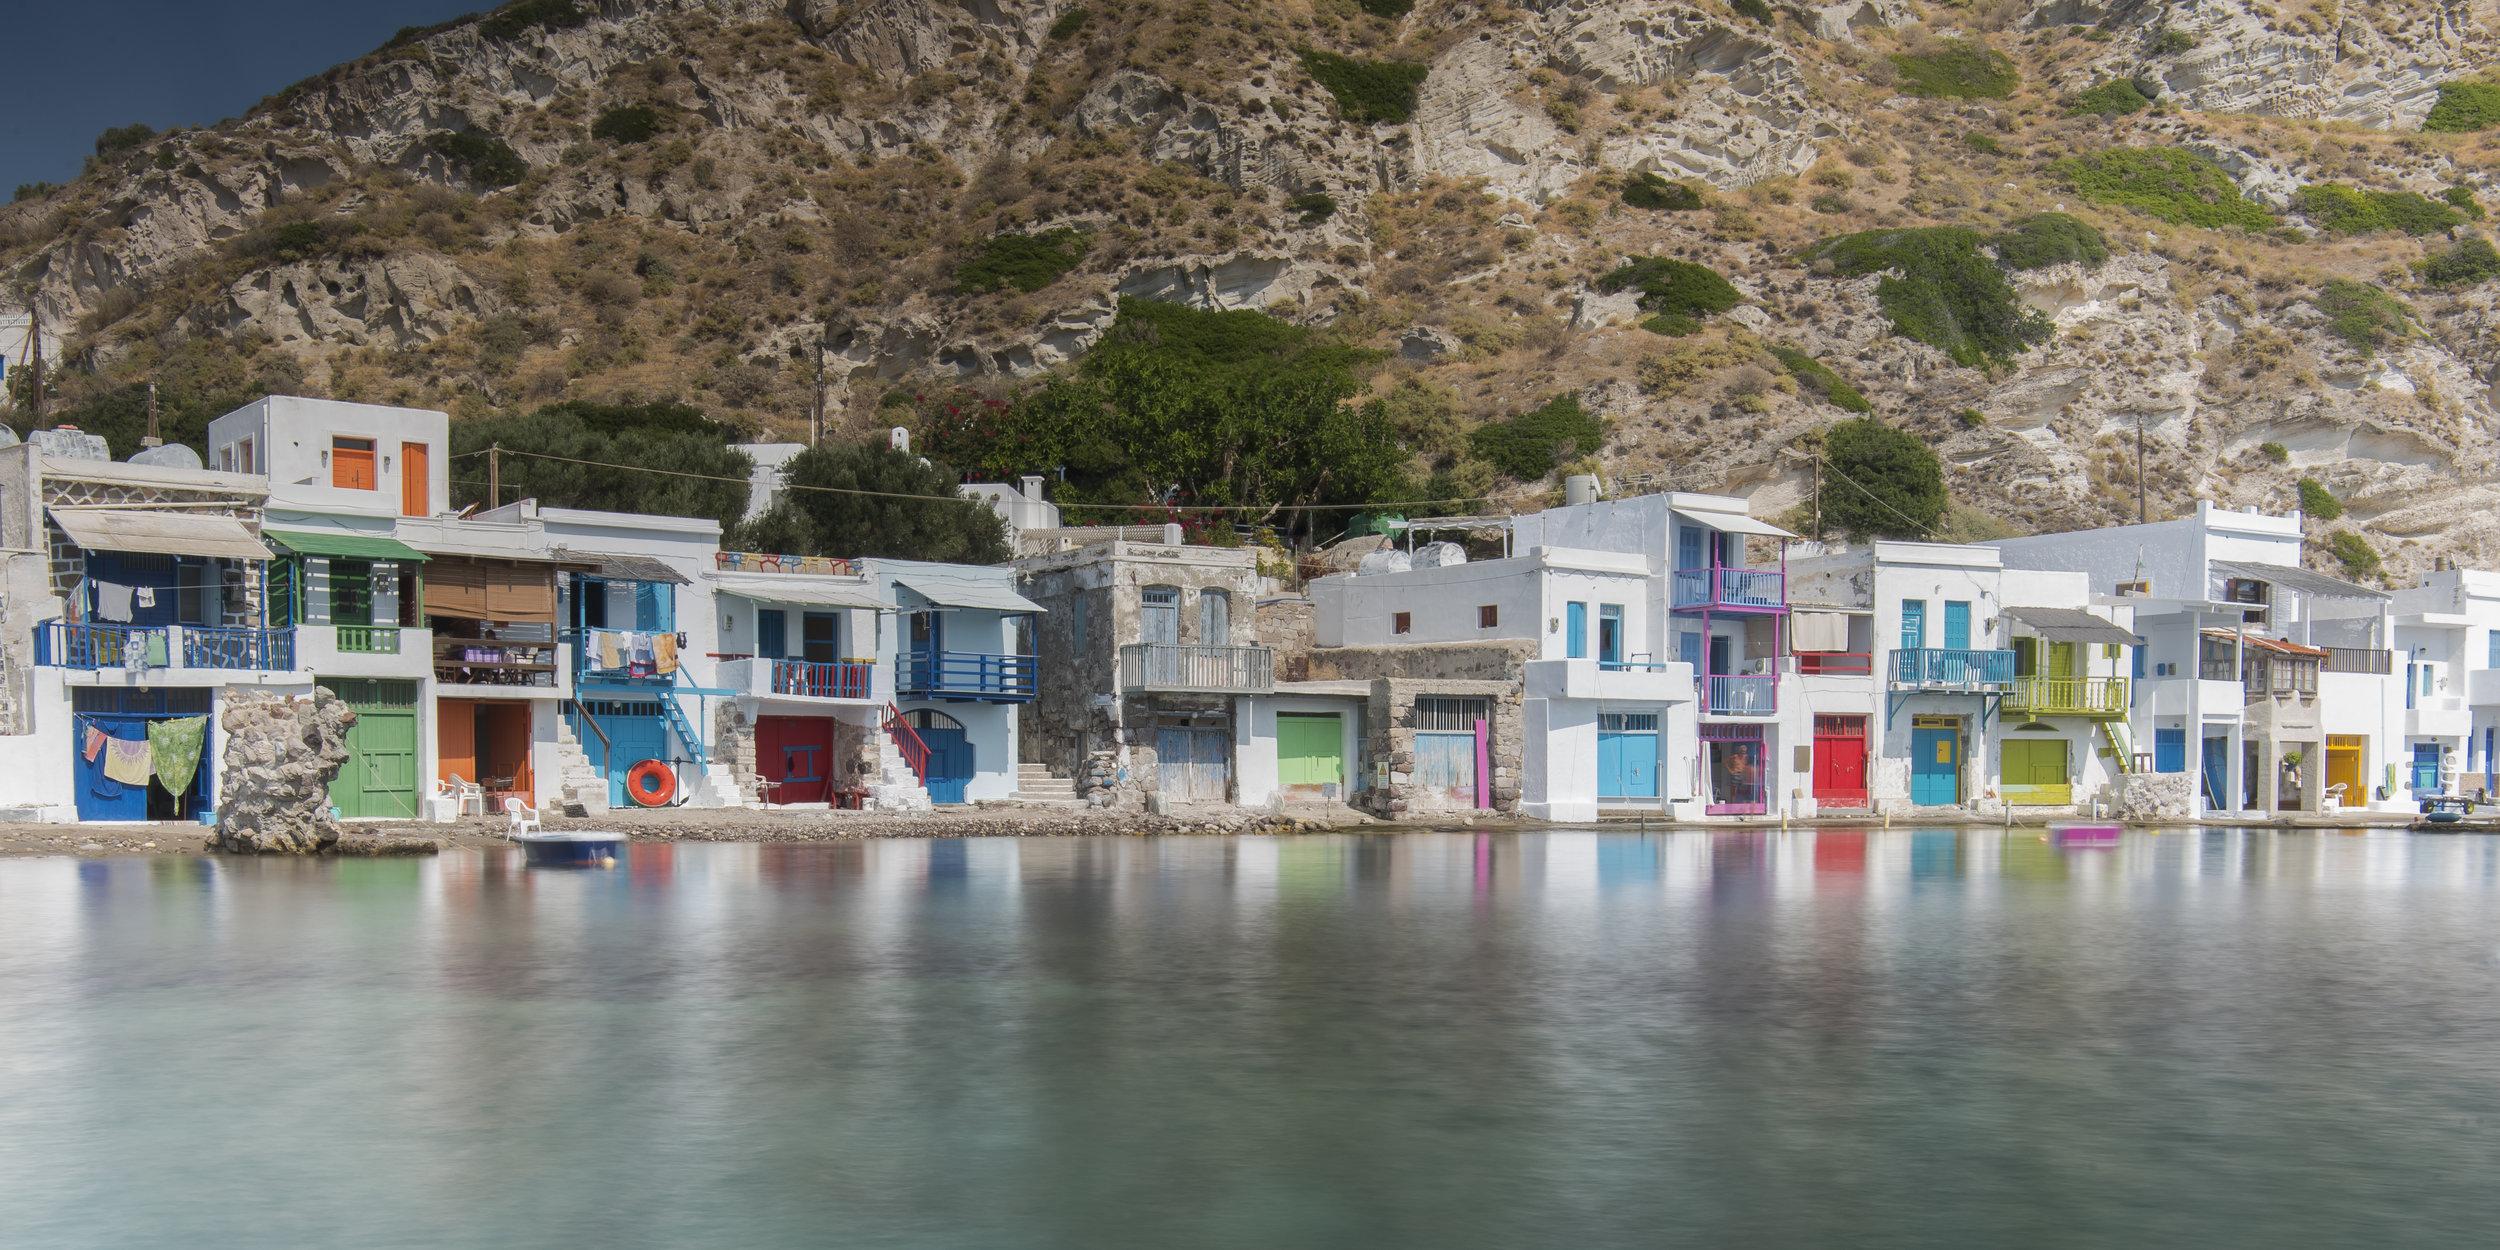 Fishing Village - Klima (Milos, Greece)